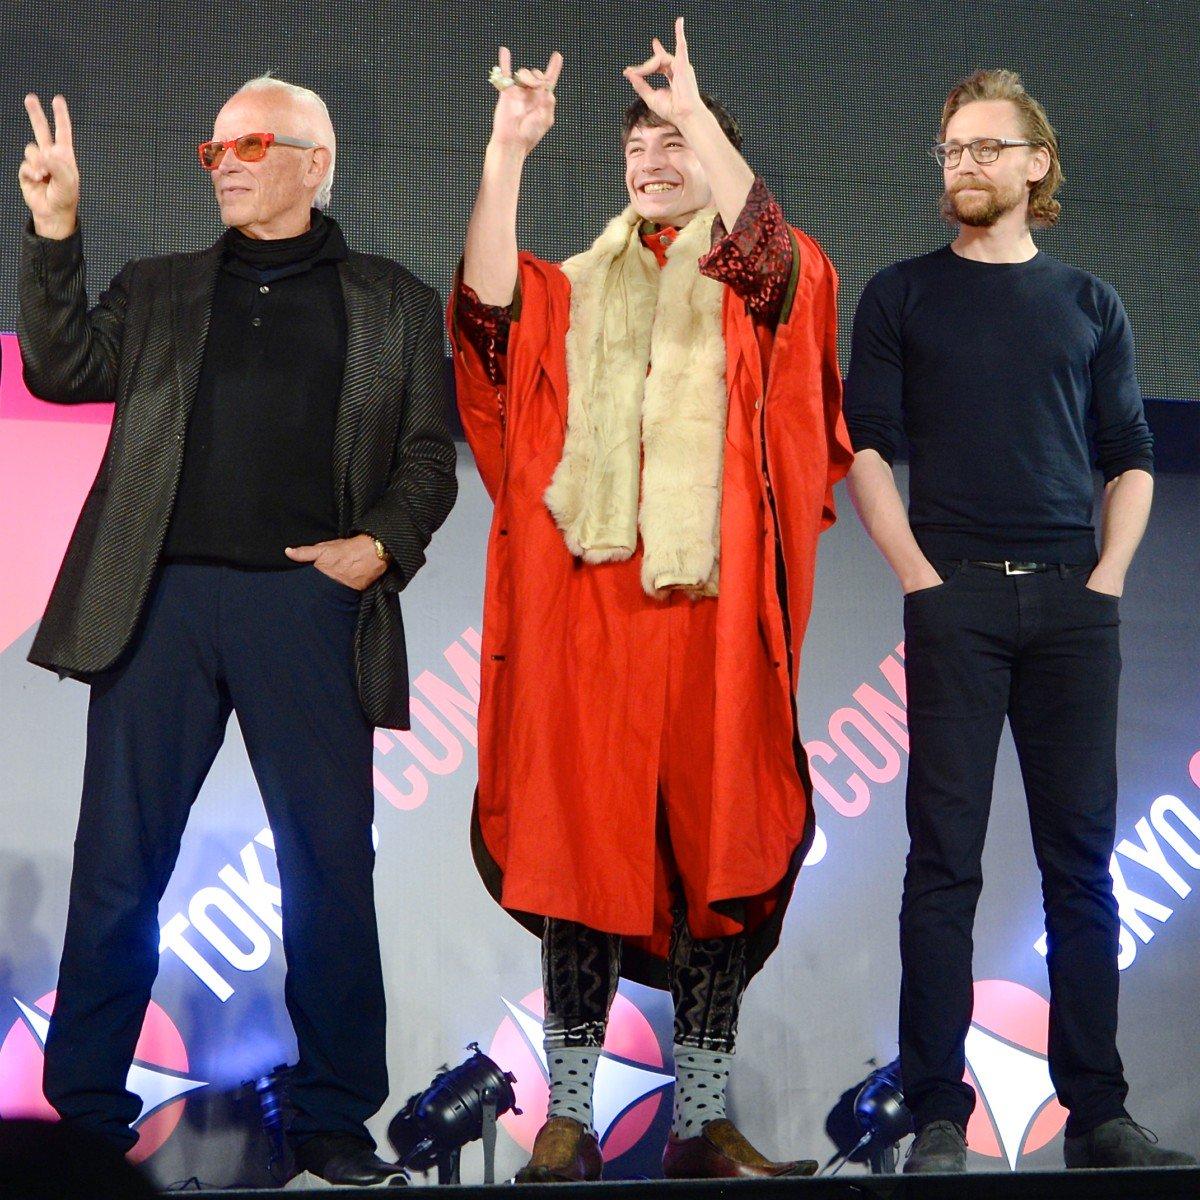 難得來到日本,向活動現場粉絲致意的彼得威勒、伊薩米勒、以及湯姆希德斯頓。